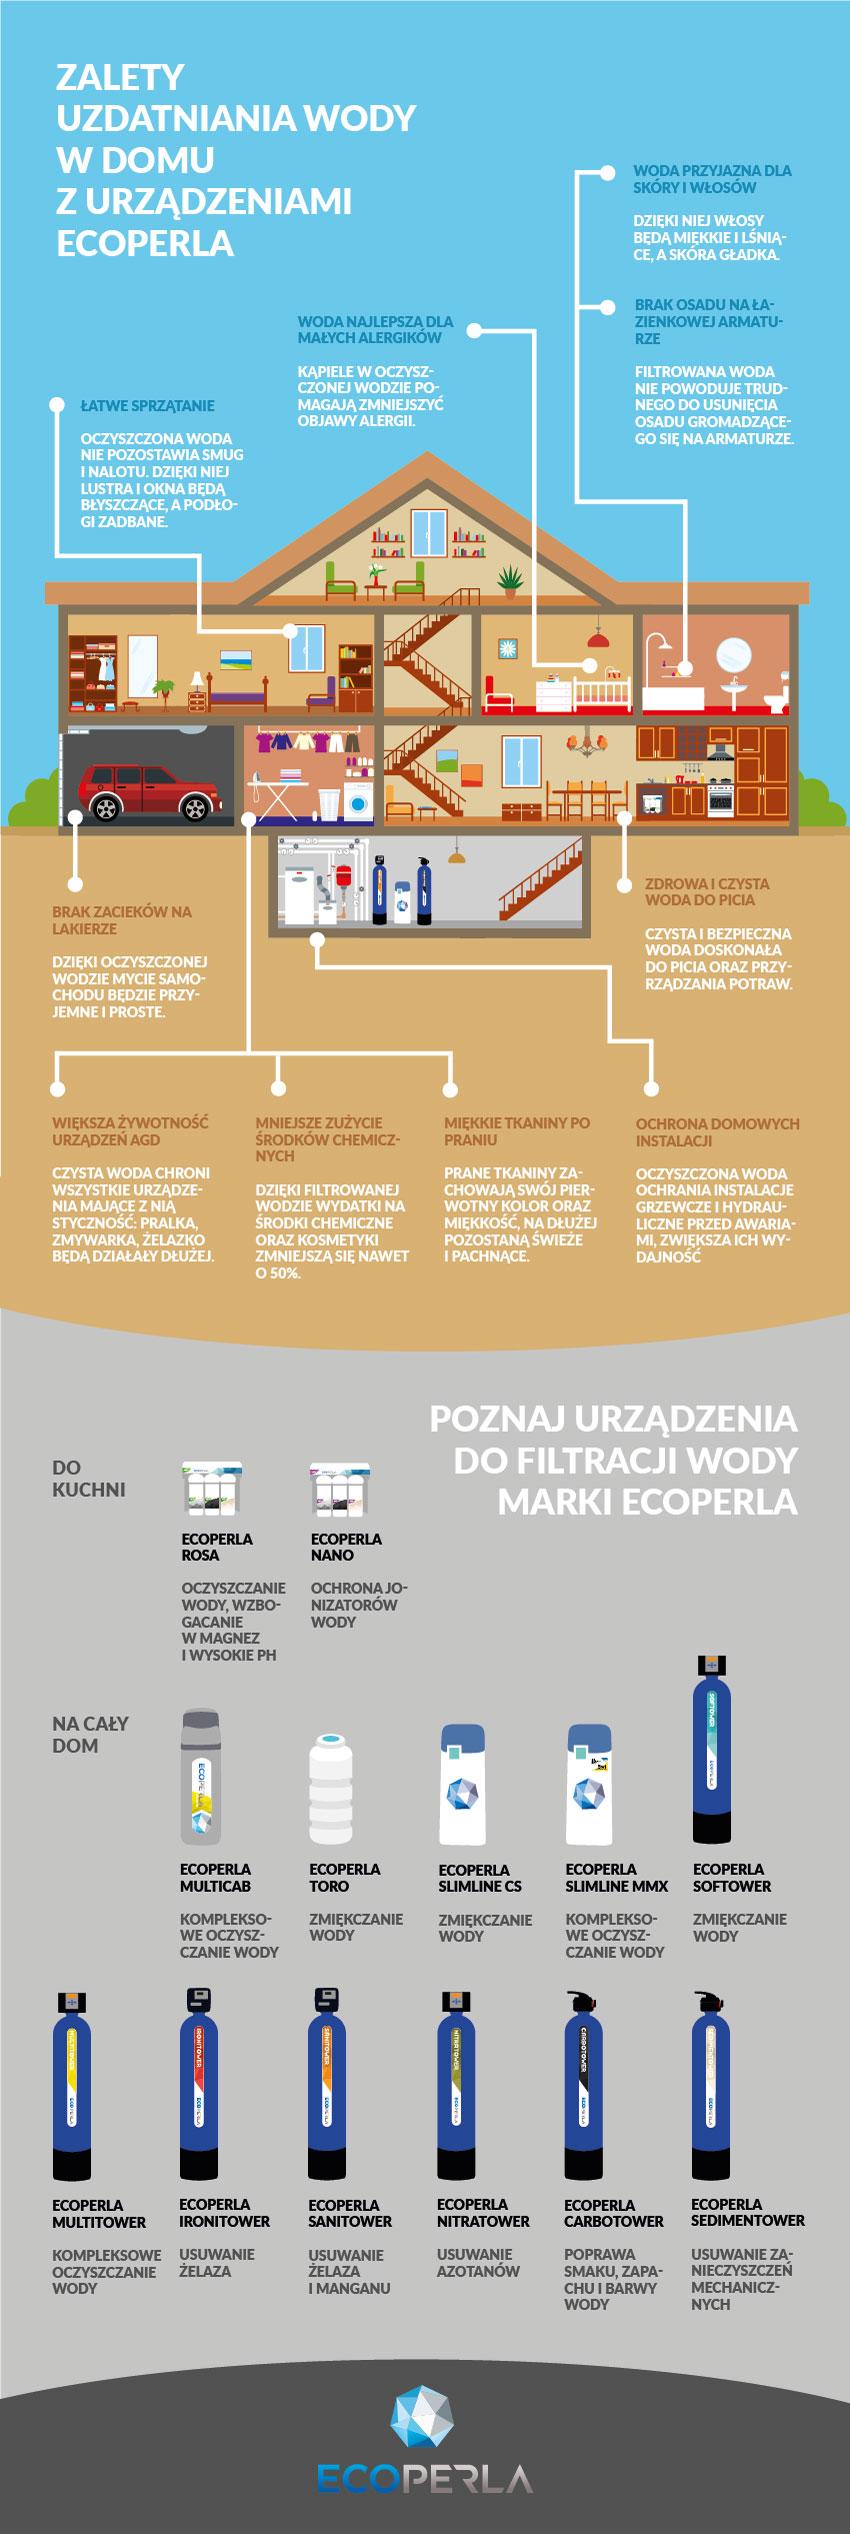 urządzenia do filtracji wody Ecoperla